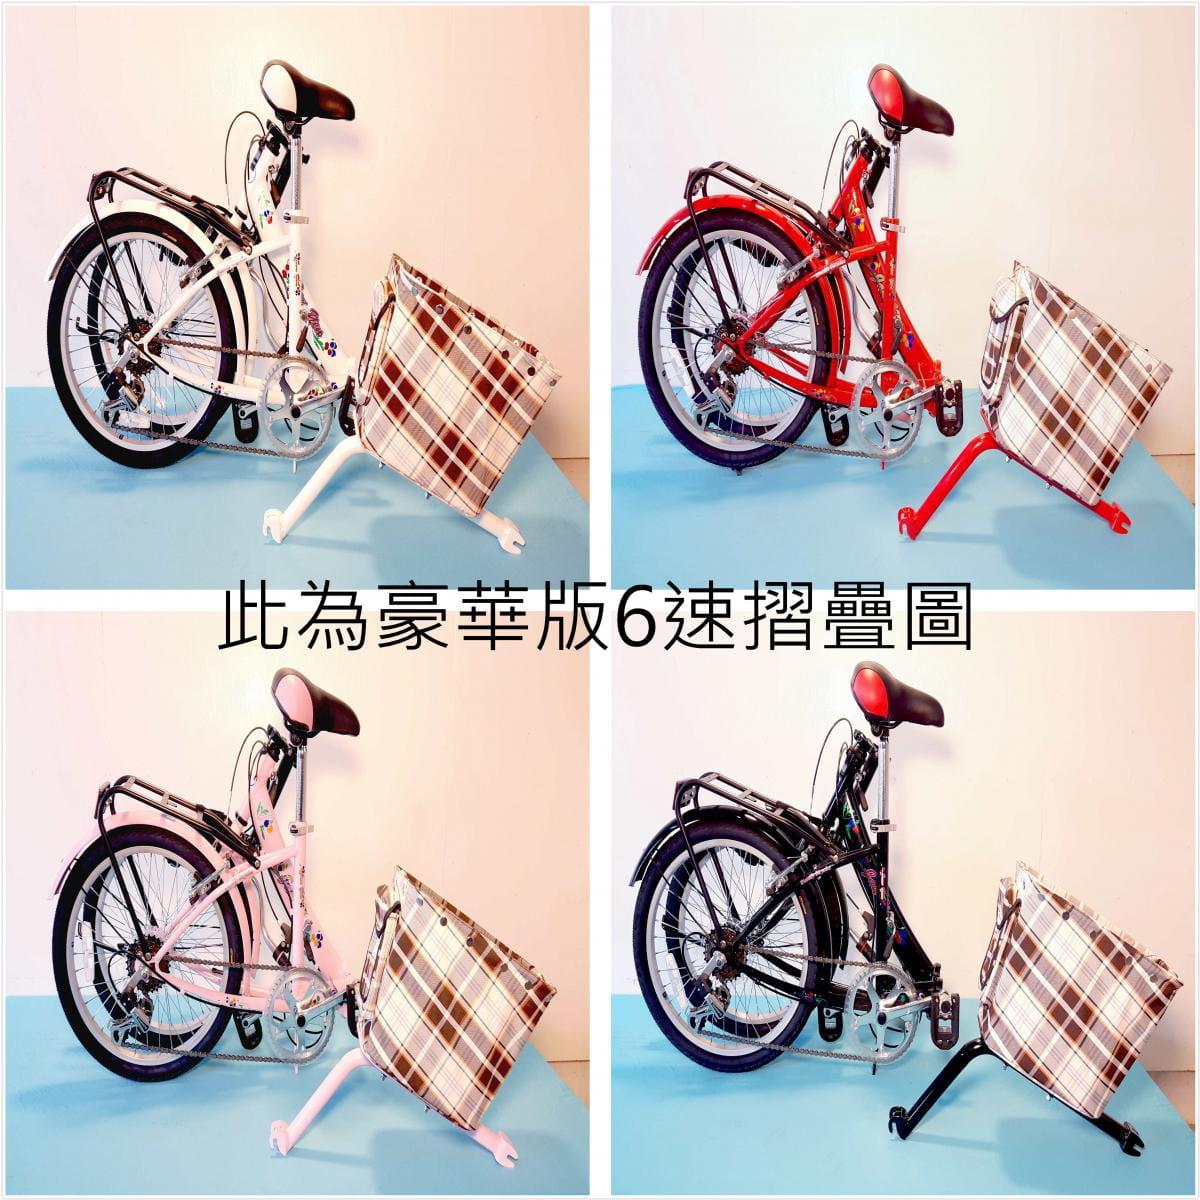 台製 20吋 21速 SHIMANO 摺疊 中籃 寵物腳踏車 6